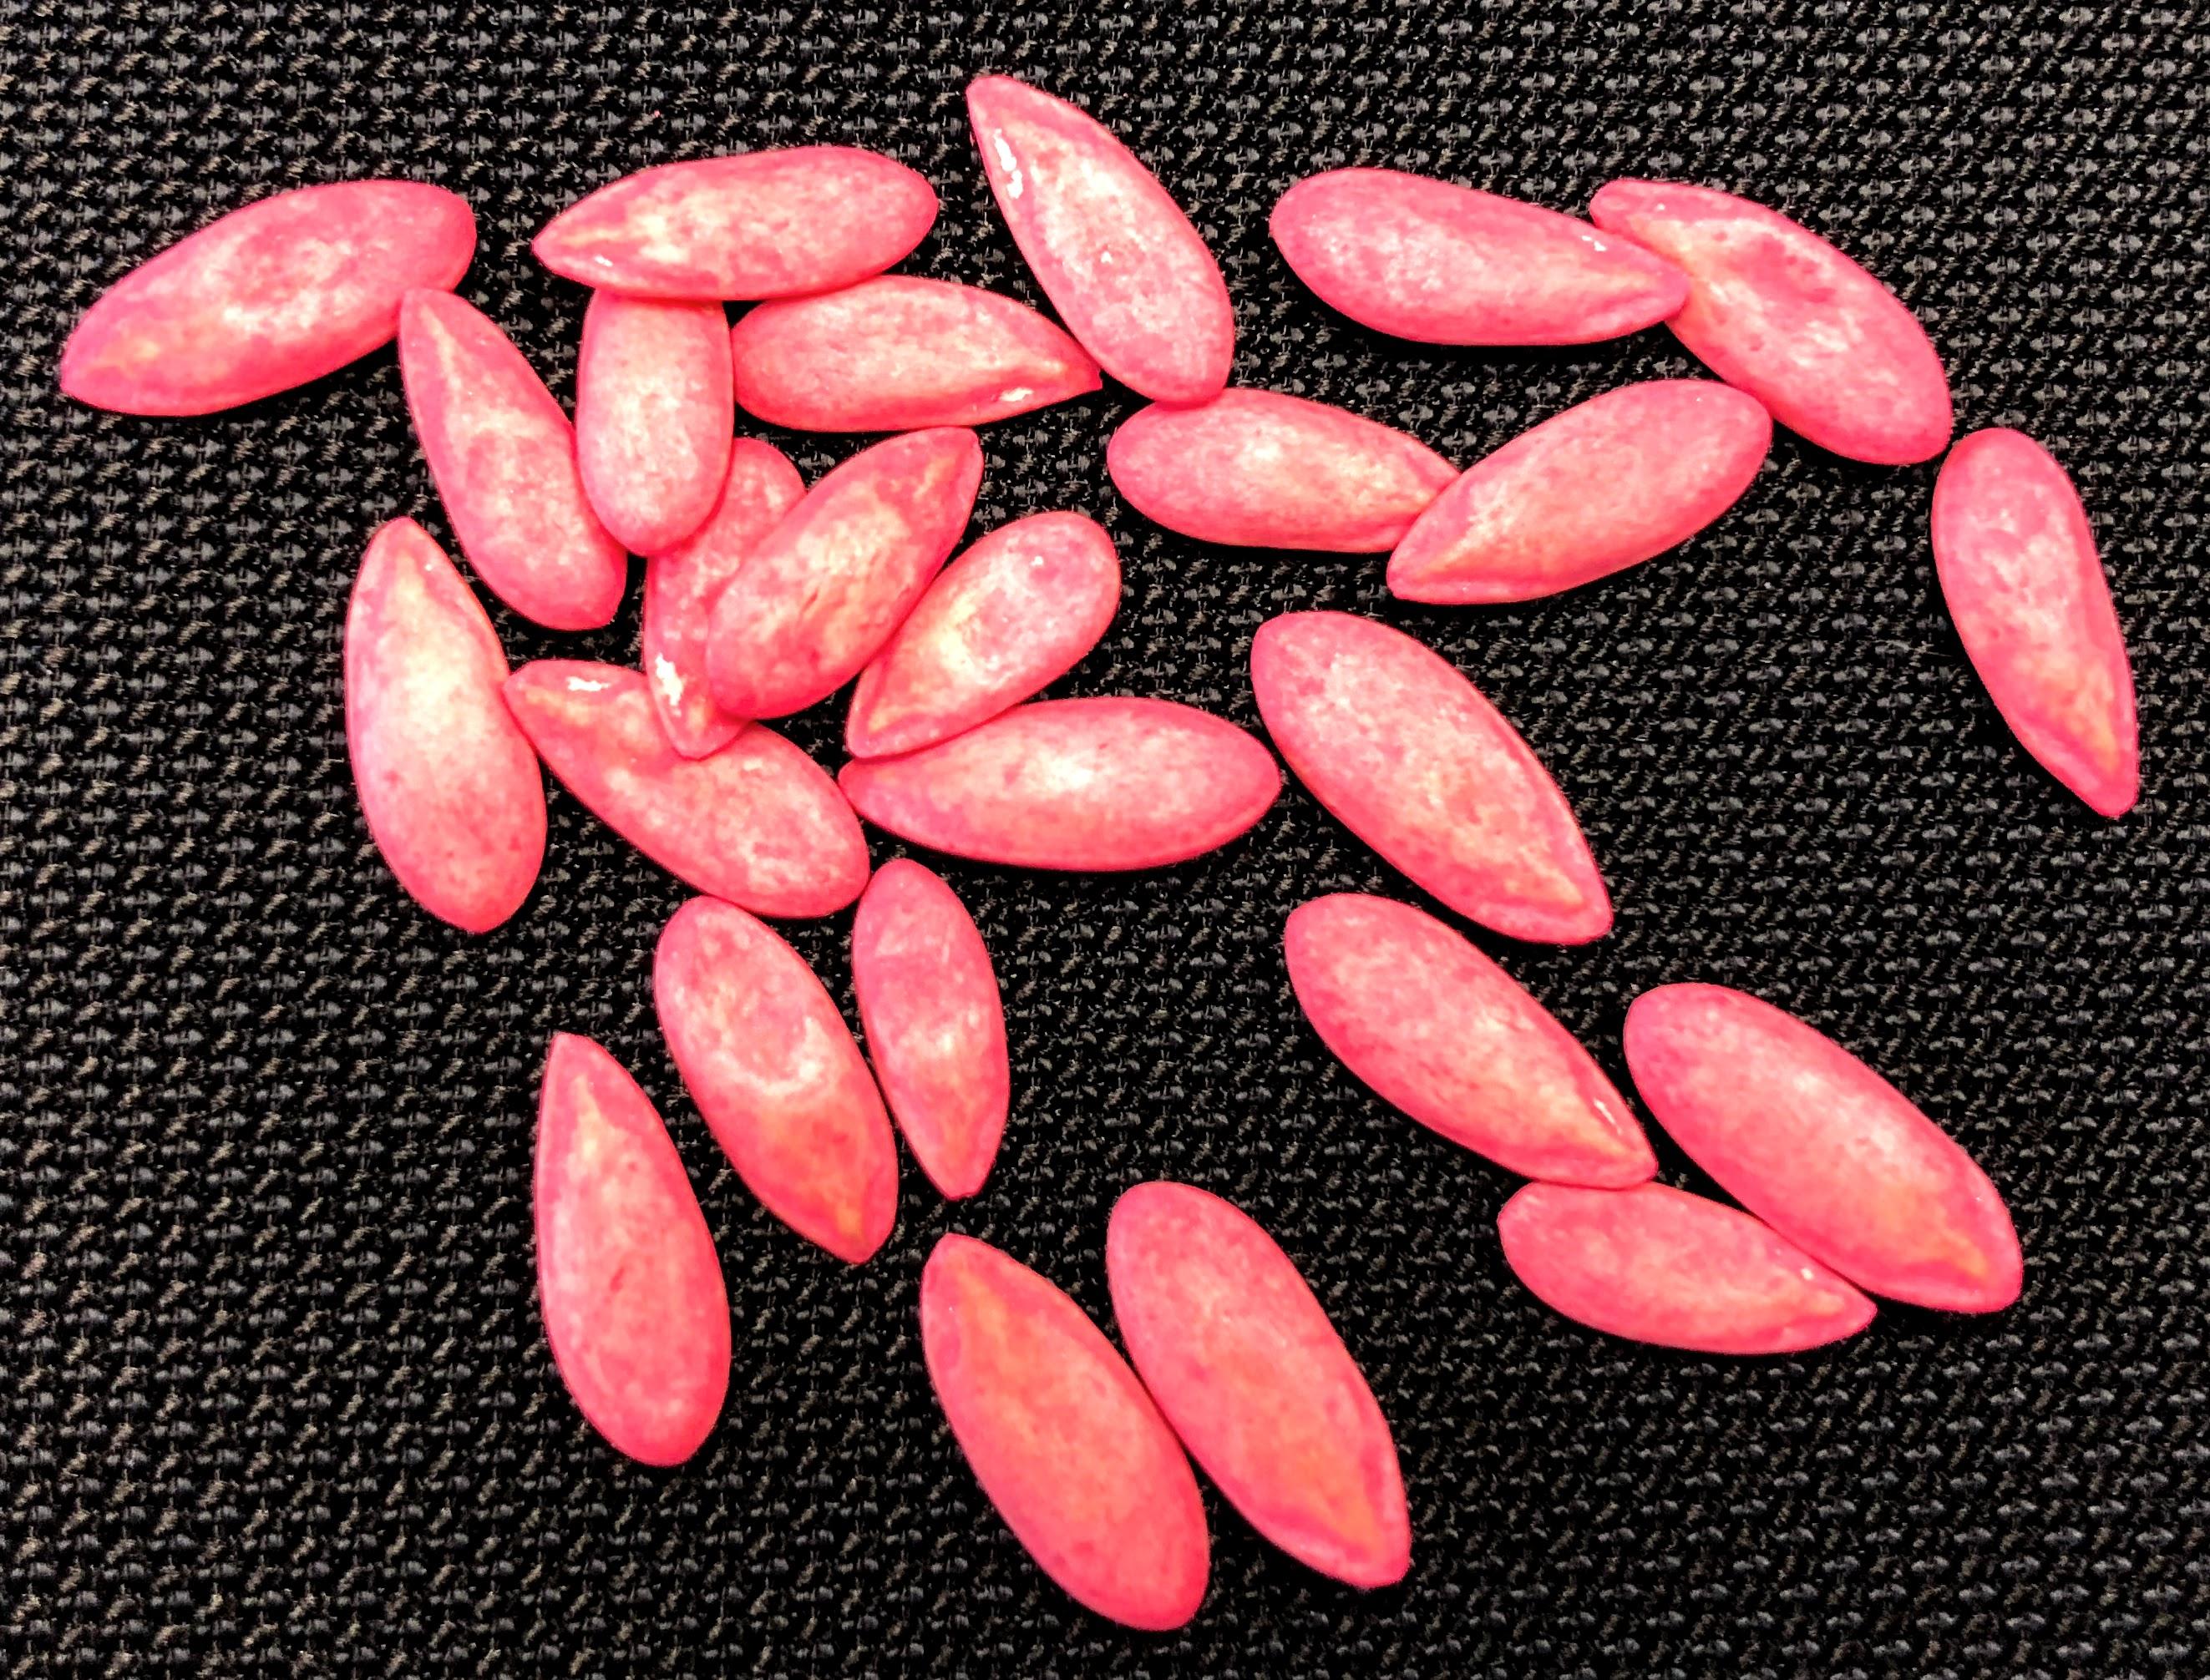 Interceptação de Cucumber green mottle mosaic virus (CGMMV) em sementes de melão da Espanha